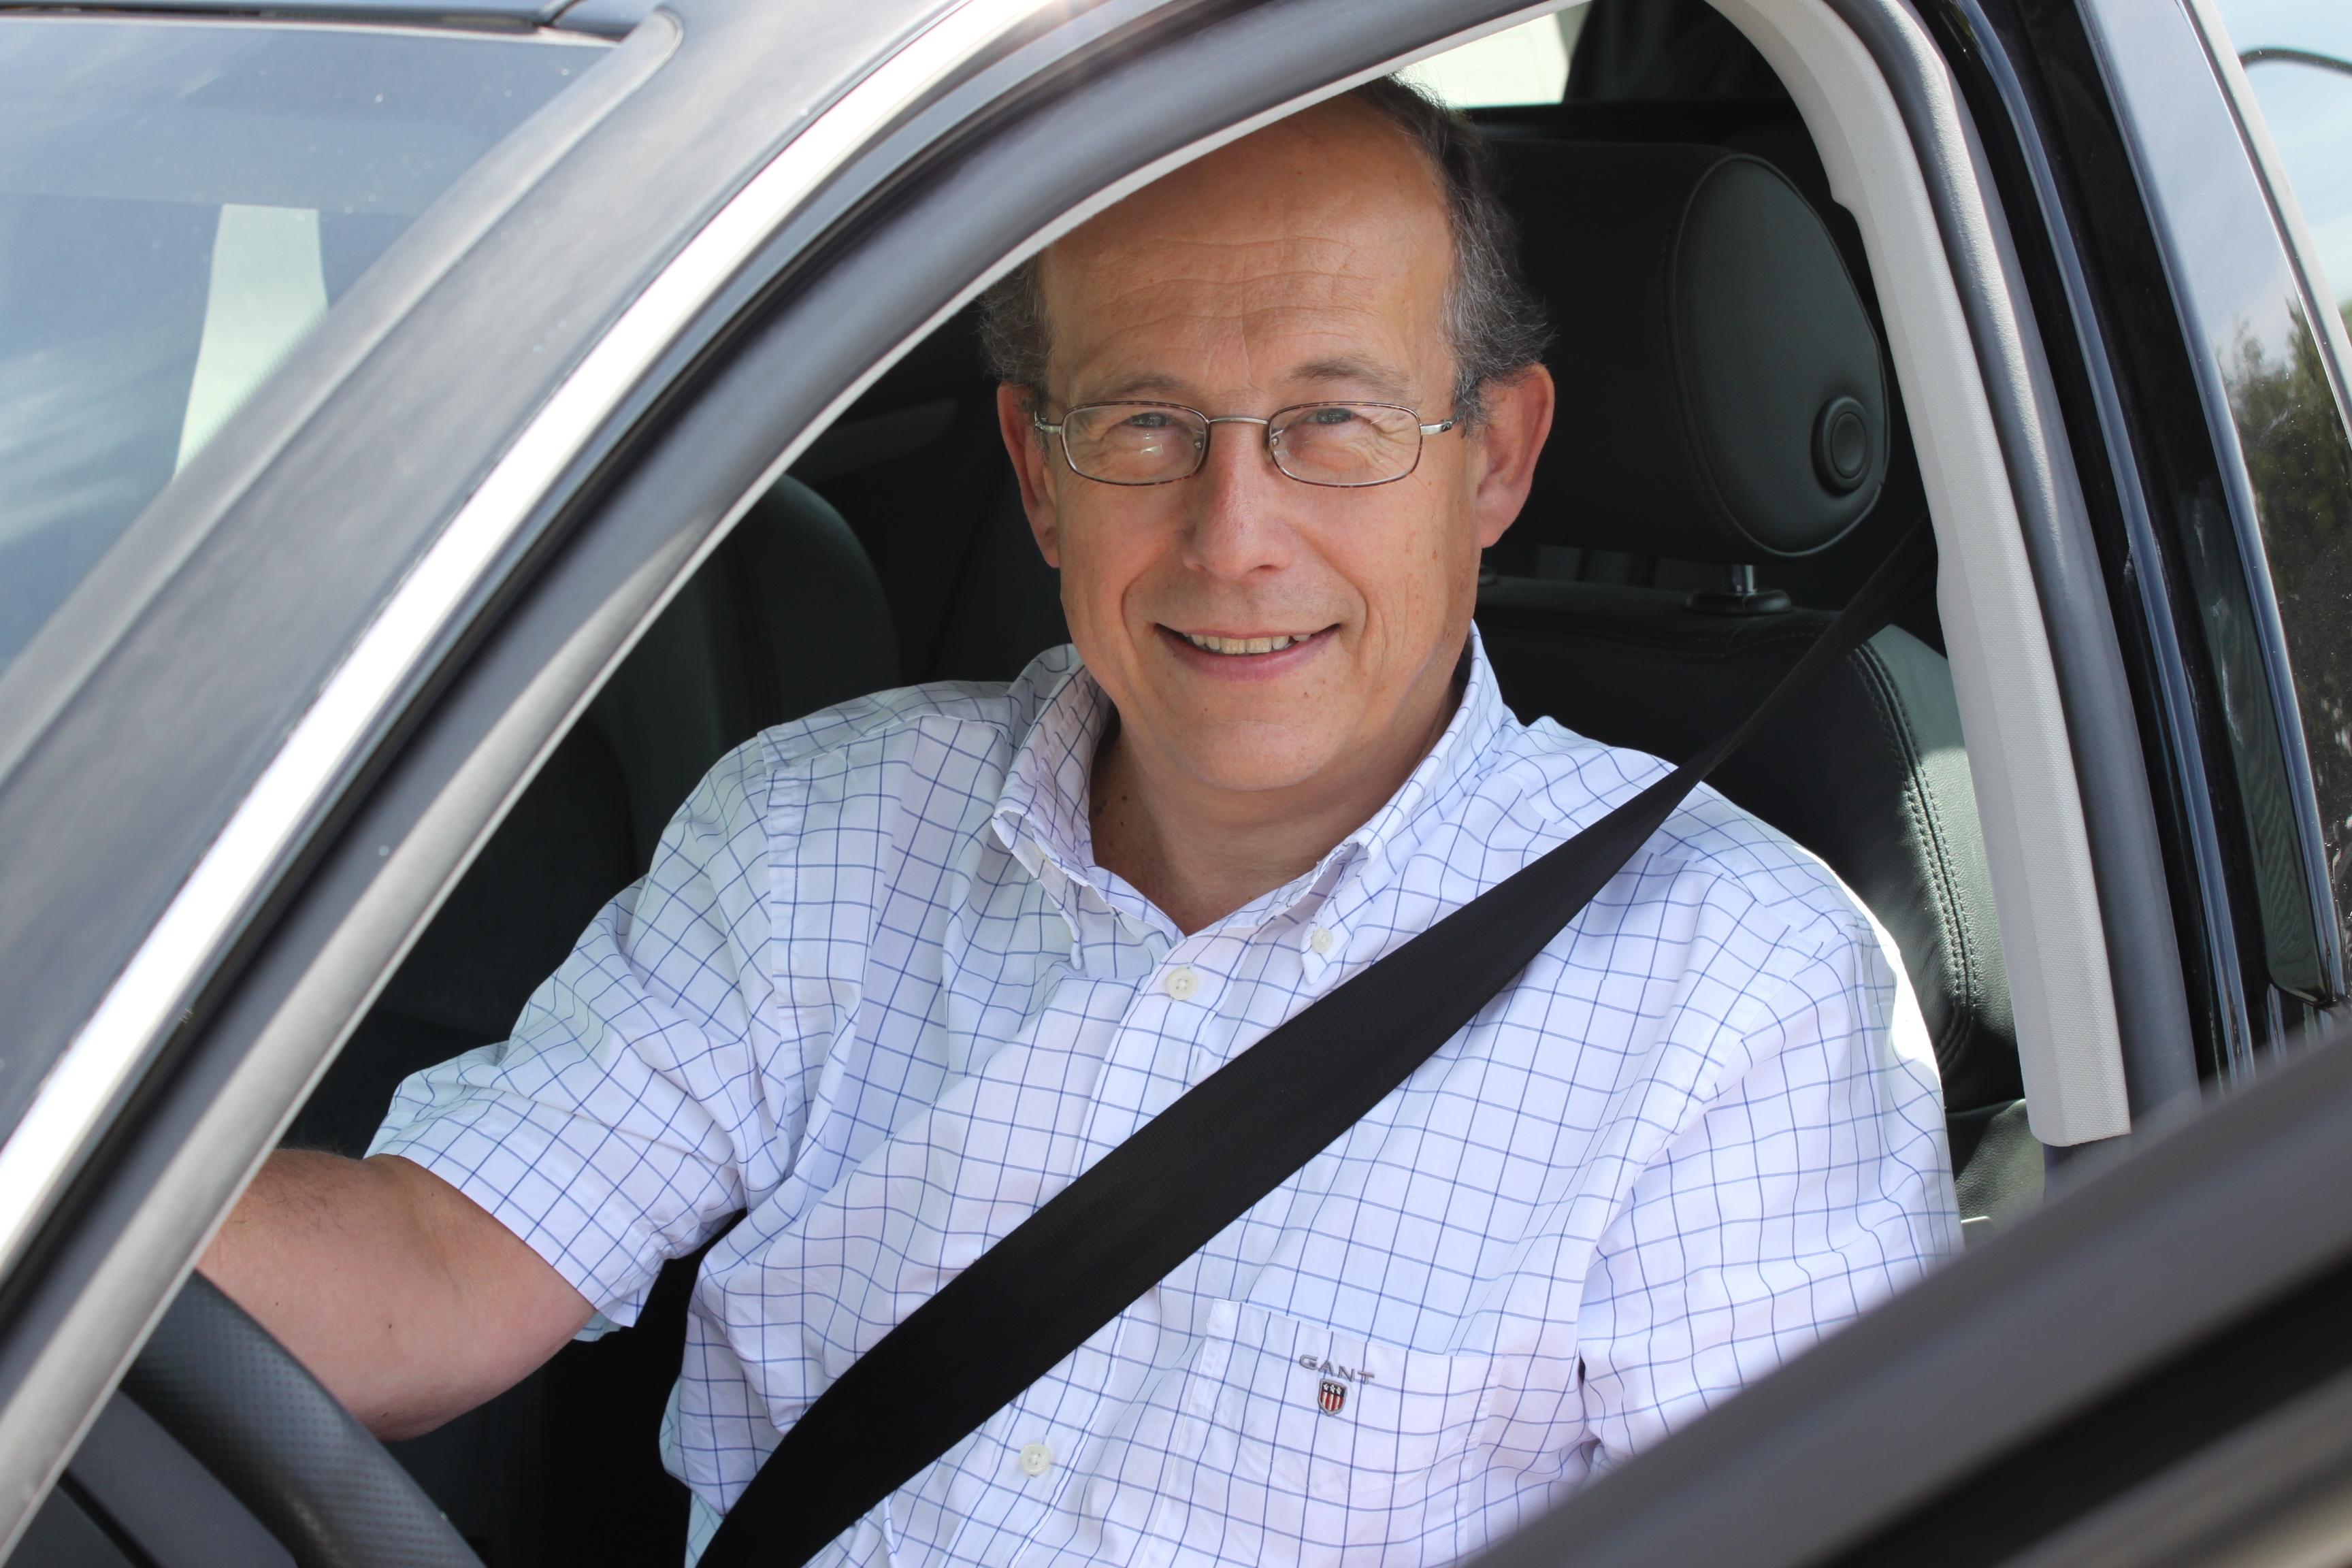 2374d7ec SER DEG IKKE: Tom Granquist, direktør i Storebrand Forsikring, minner om at  bilistene ofte ikke ser fotgjengerne i mørket, selv om fotgjengerne ser  bilen.